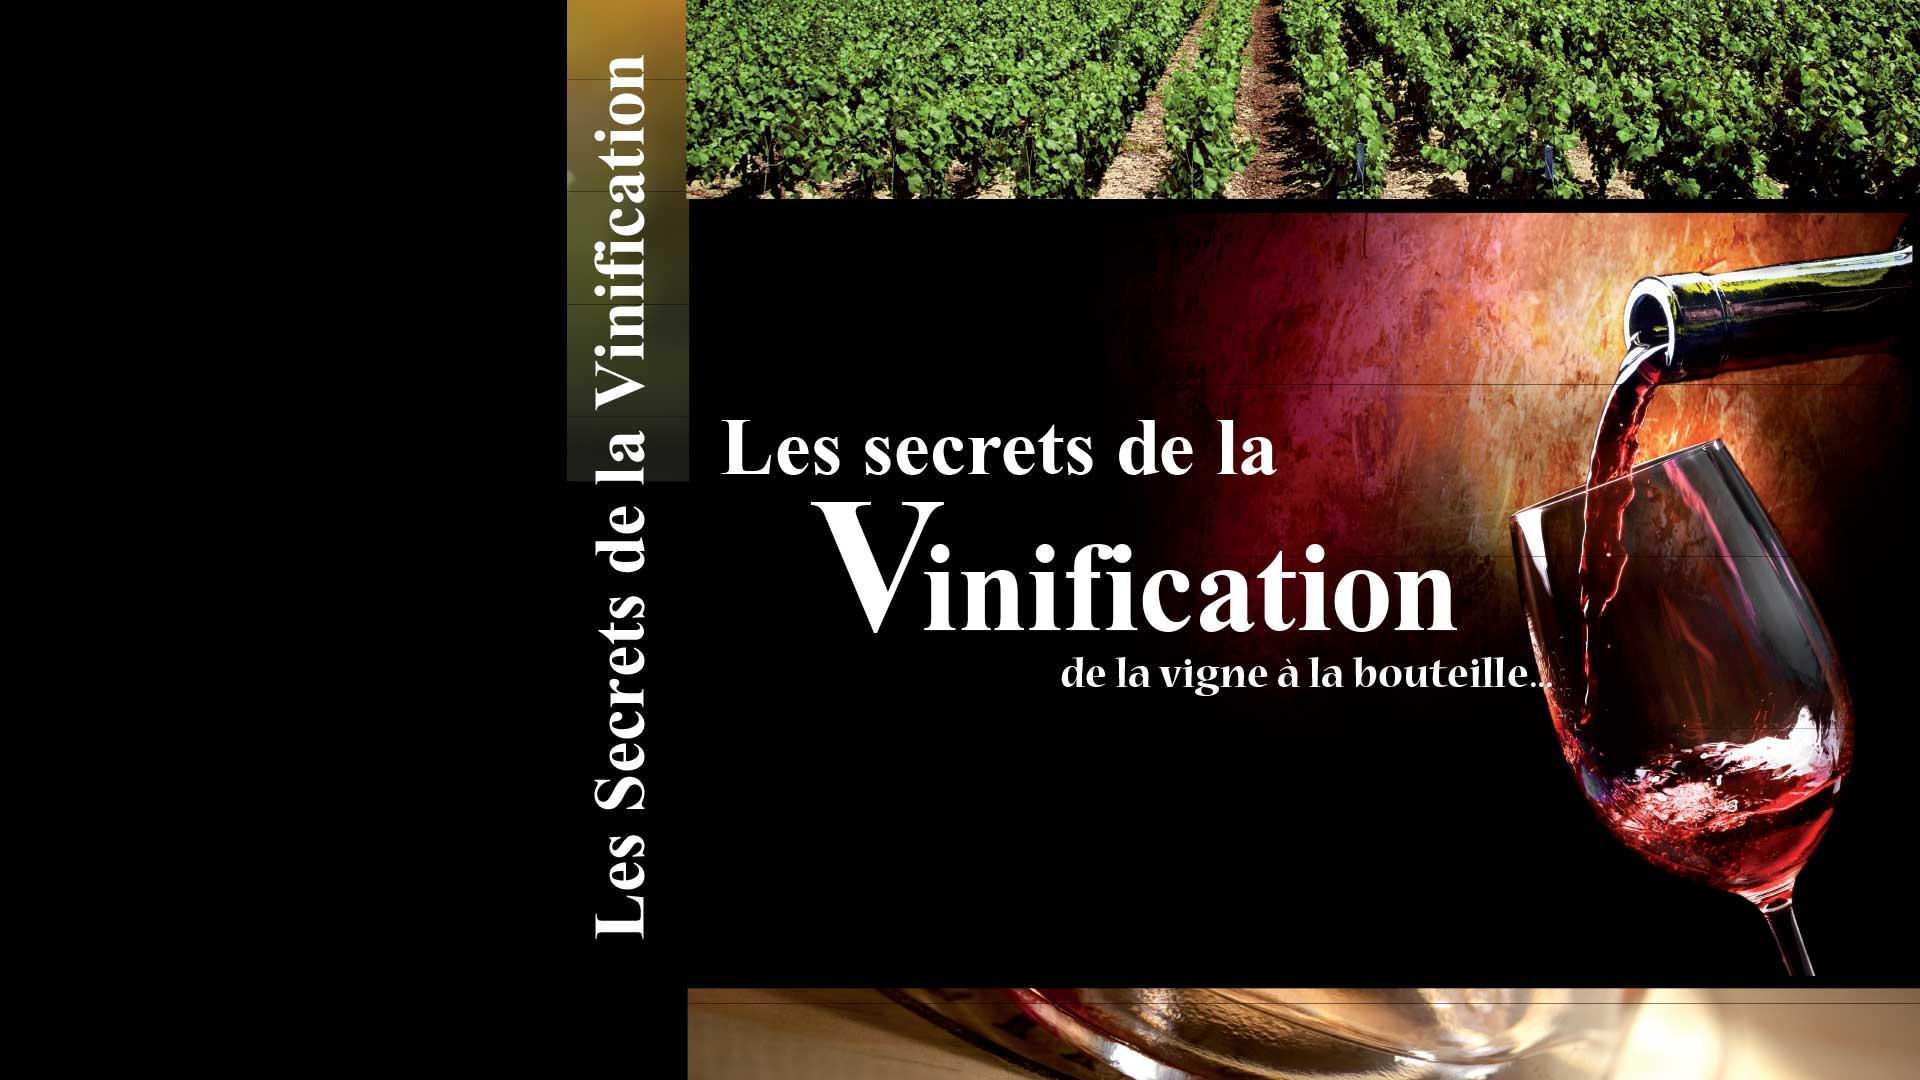 Vidéo réalisée par Déclic Vidéo sur la vinification